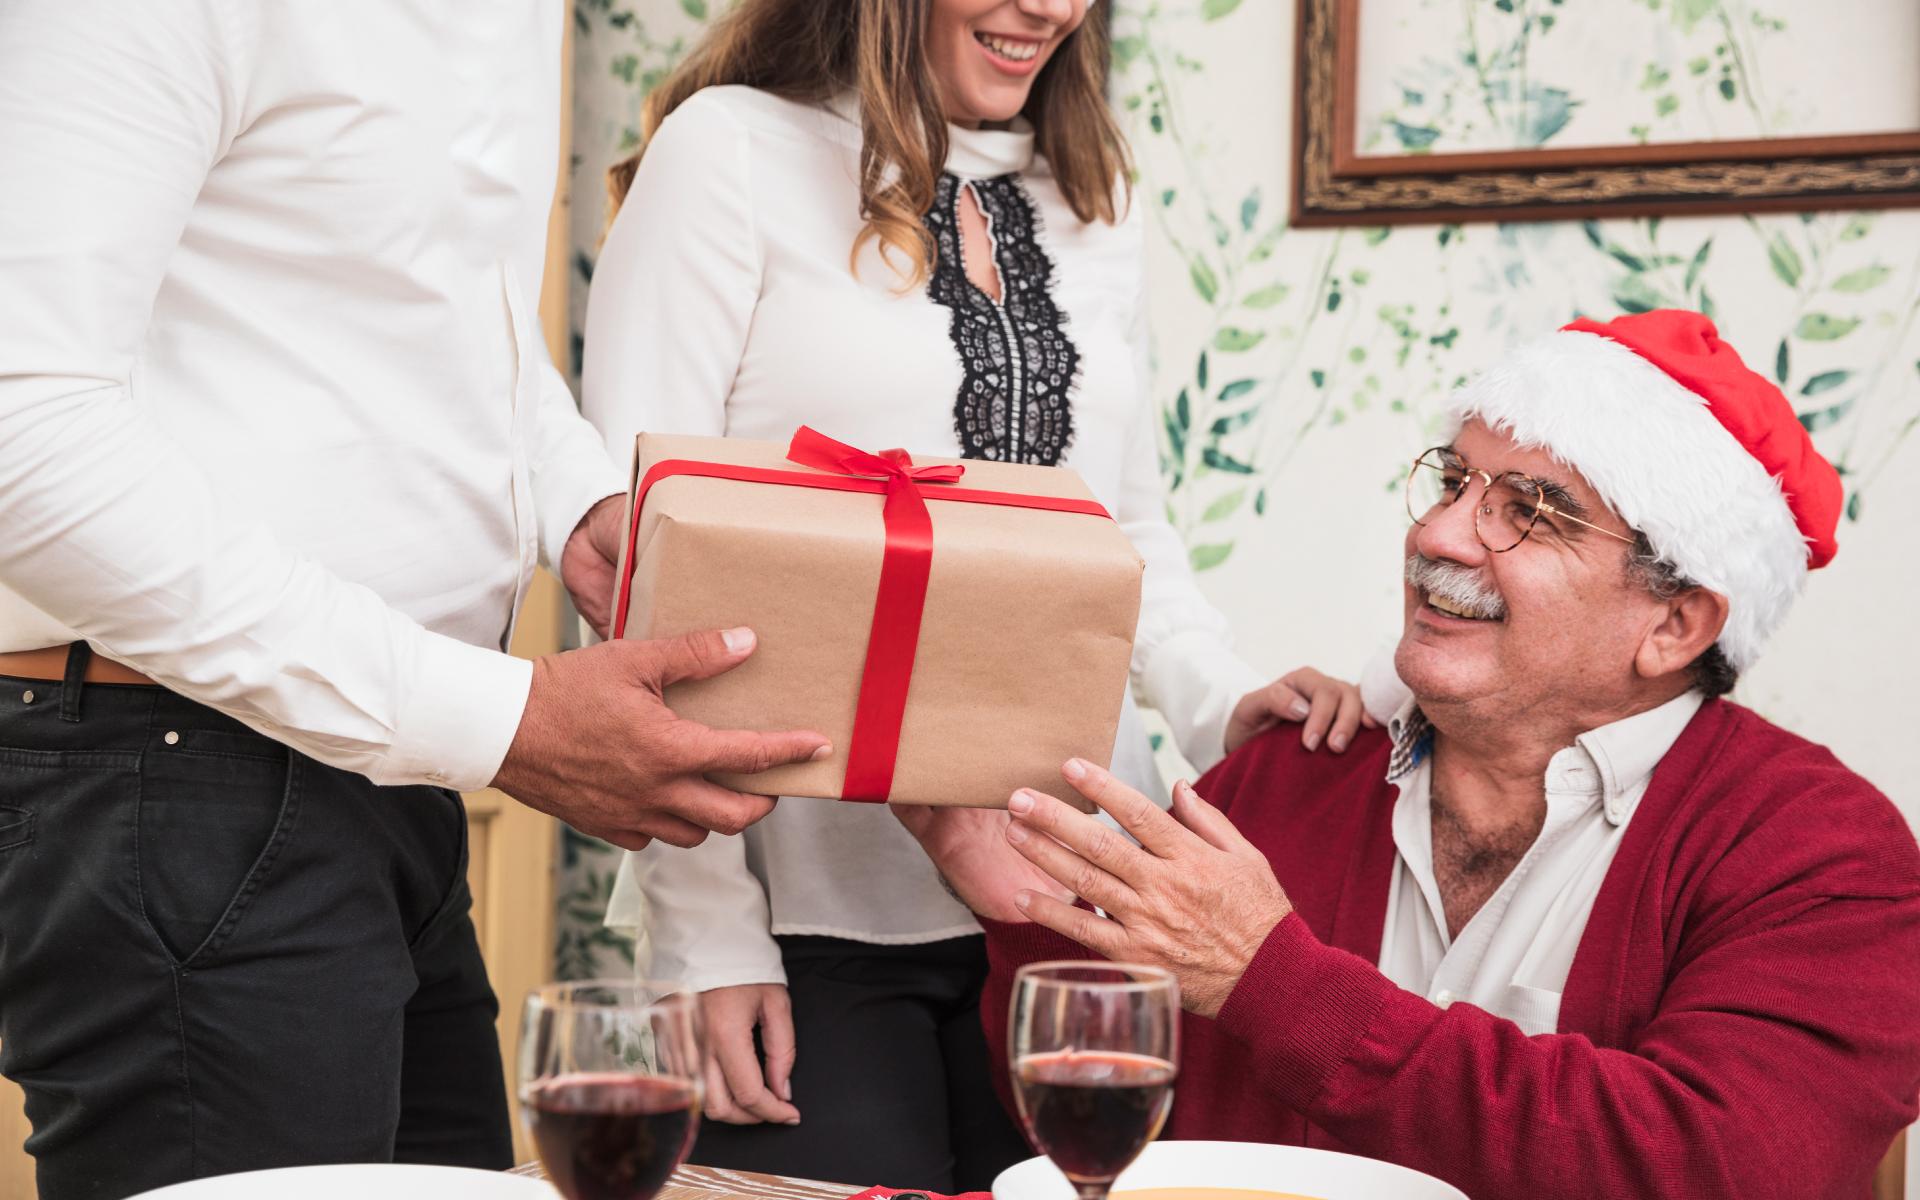 快過節了想送給長輩禮物,卻又不知道怎麼選怎麼挑嗎?Lourdes2020長輩最愛的按摩器排行榜前三名來了,推薦你長輩最愛的按摩器,送禮送得更有心意。